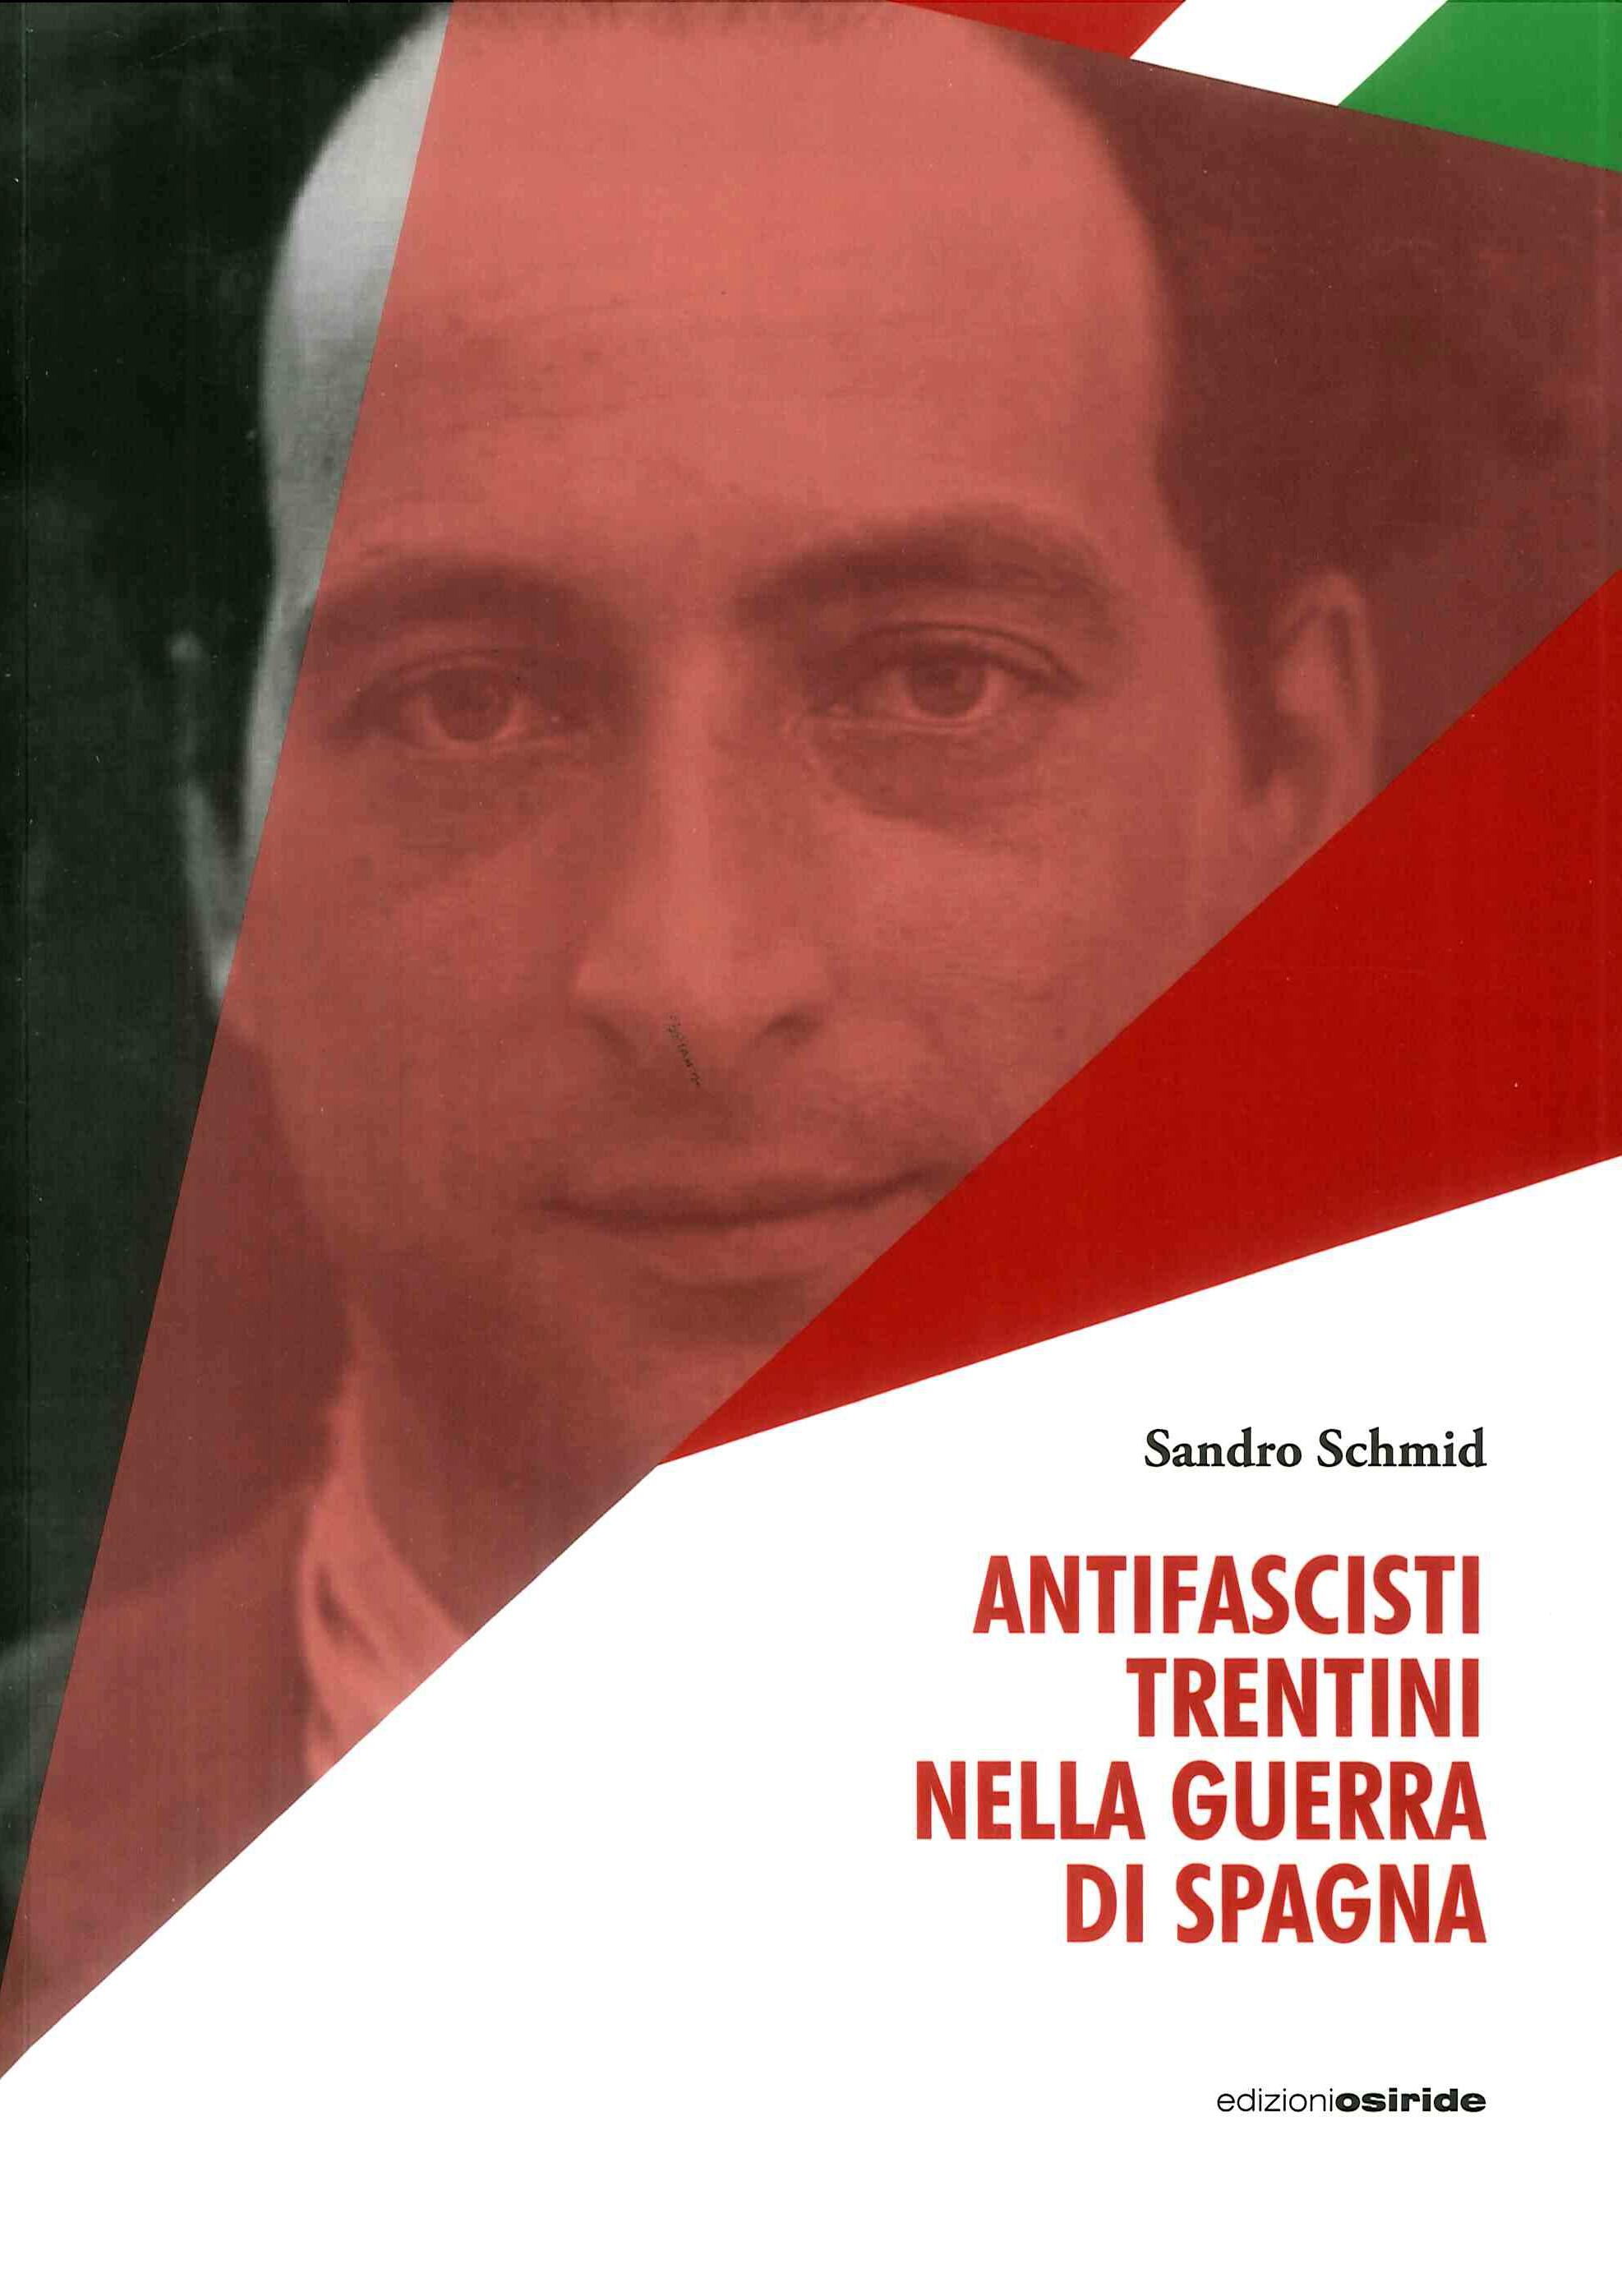 Antifascisti trentini nella guerra di Spagna